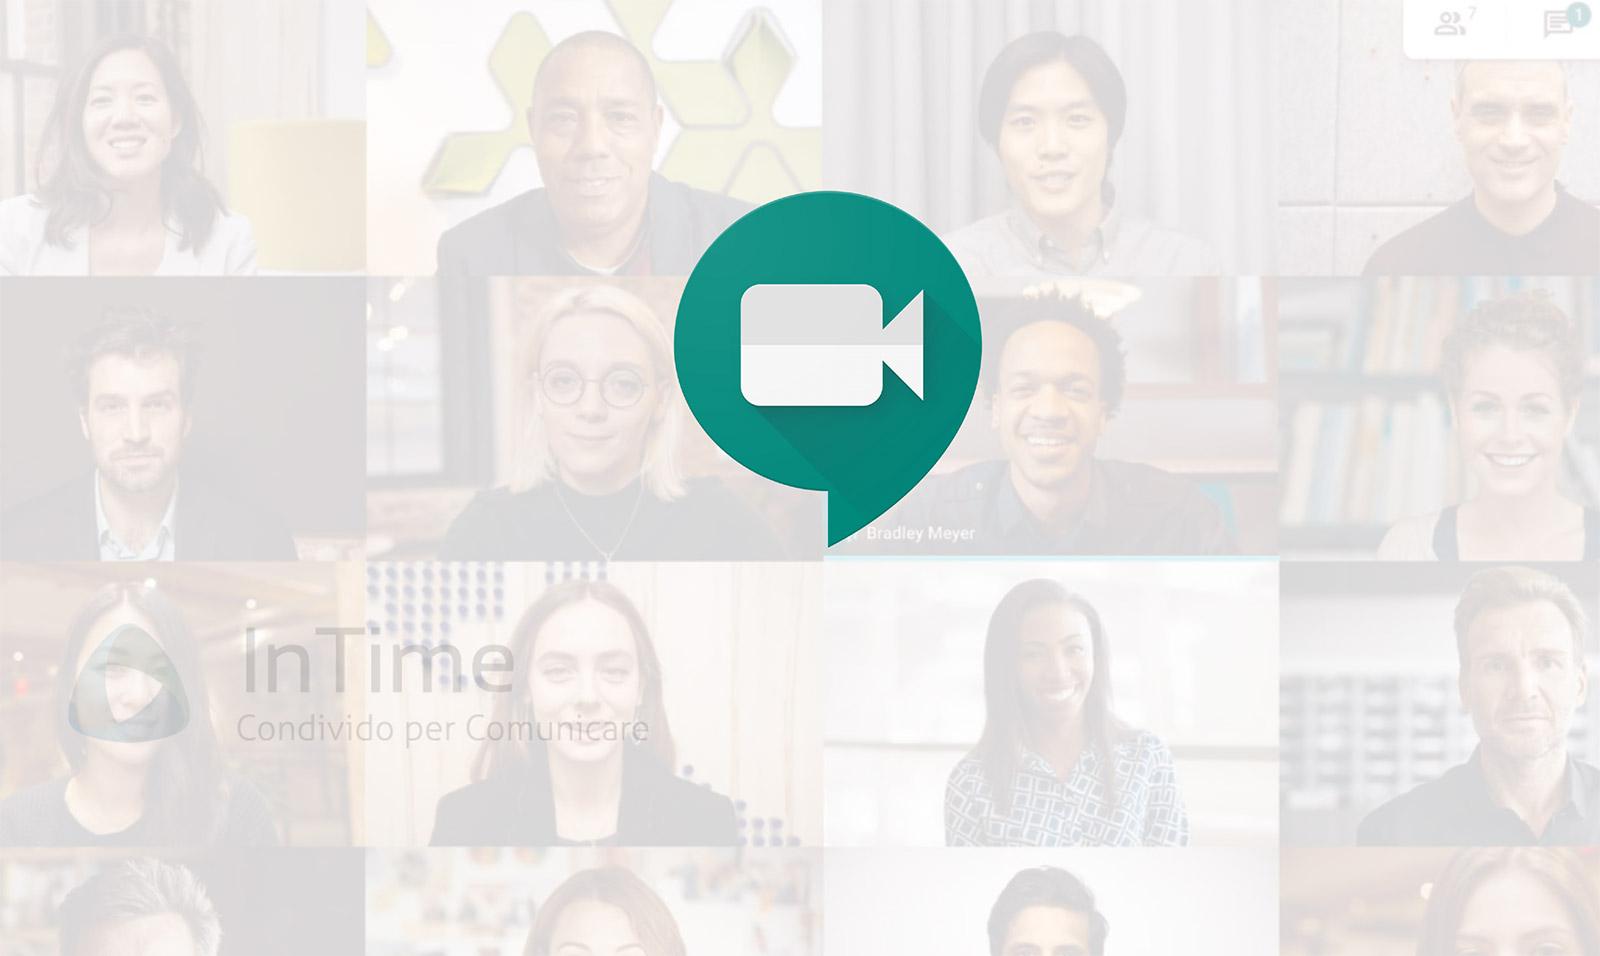 Google Meet diventa gratis per tutti fino al 30 settembre